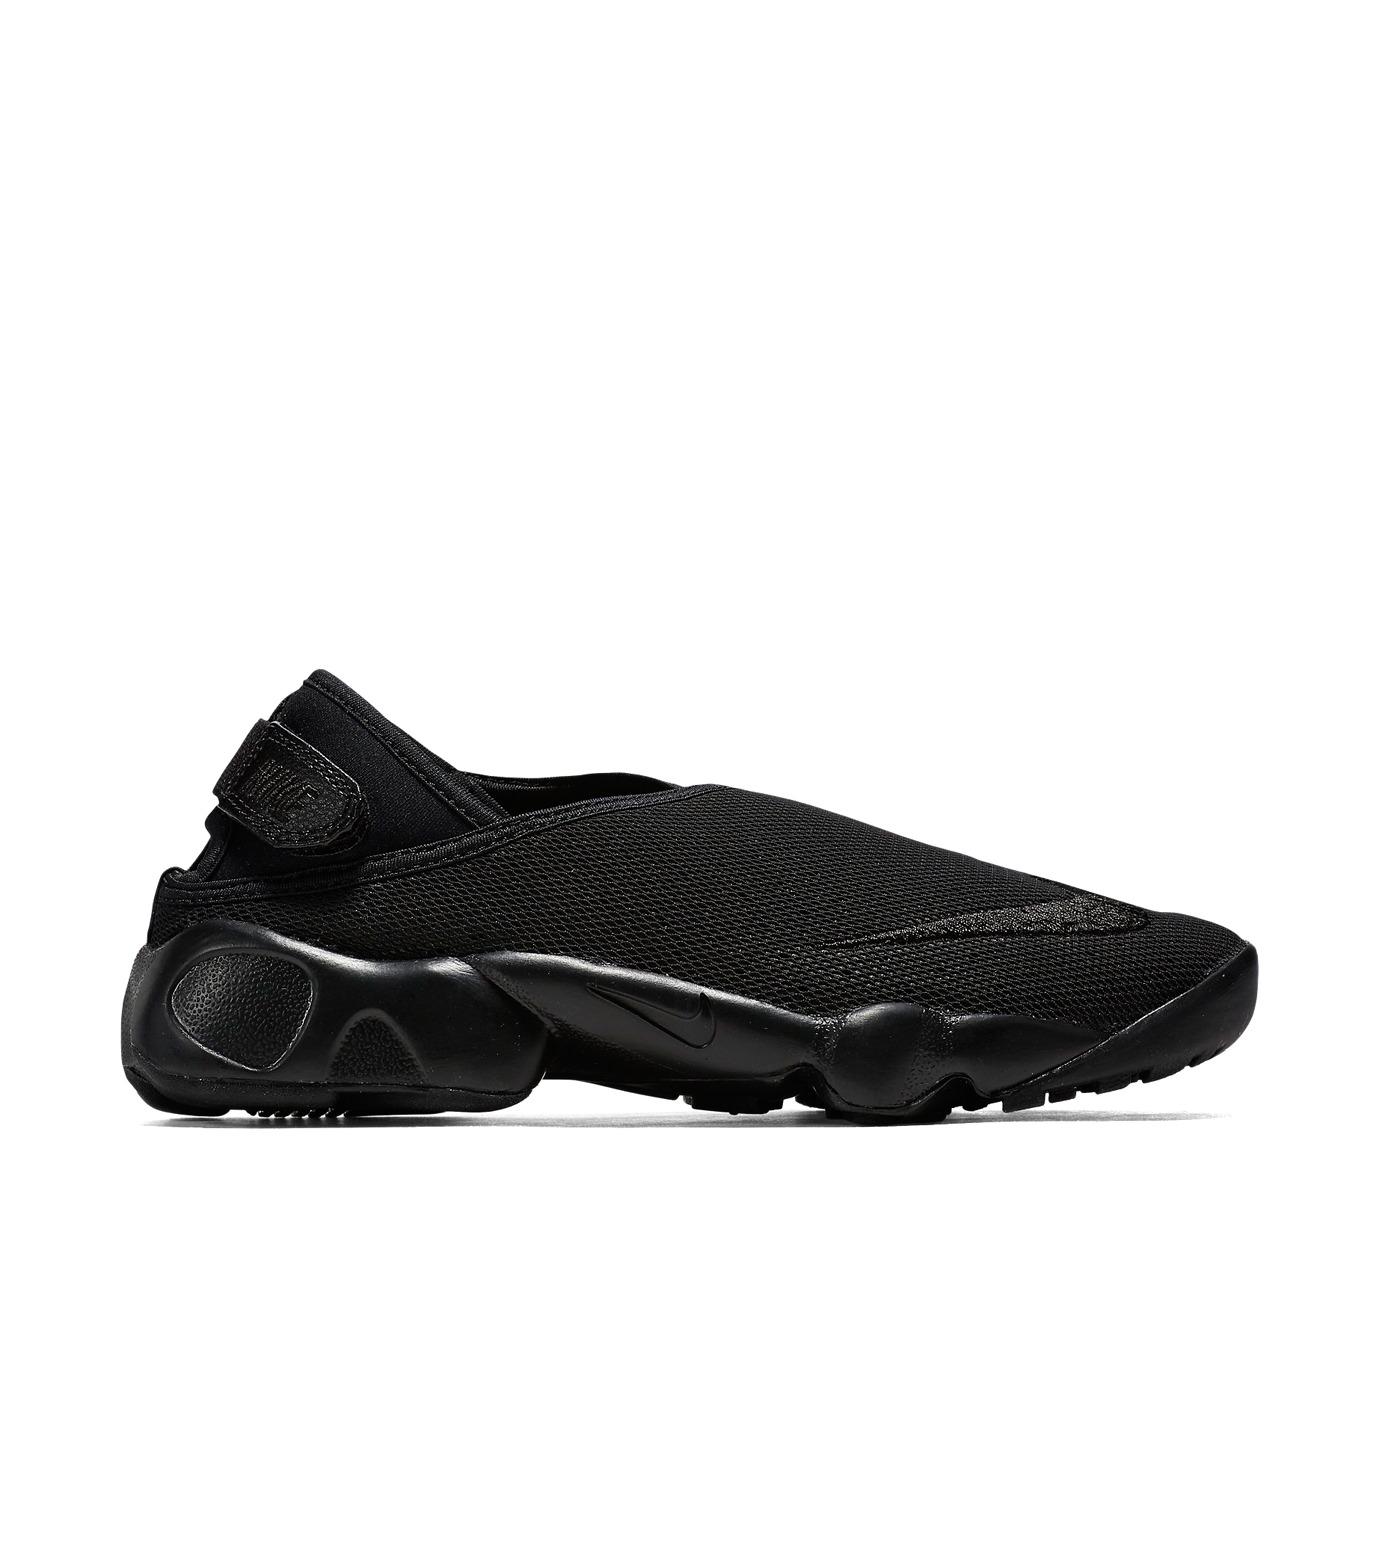 NIKE(ナイキ)のWMNS NIKE RIFT WRAP-BLACK(シューズ/shoes)-853541-003-13 拡大詳細画像1